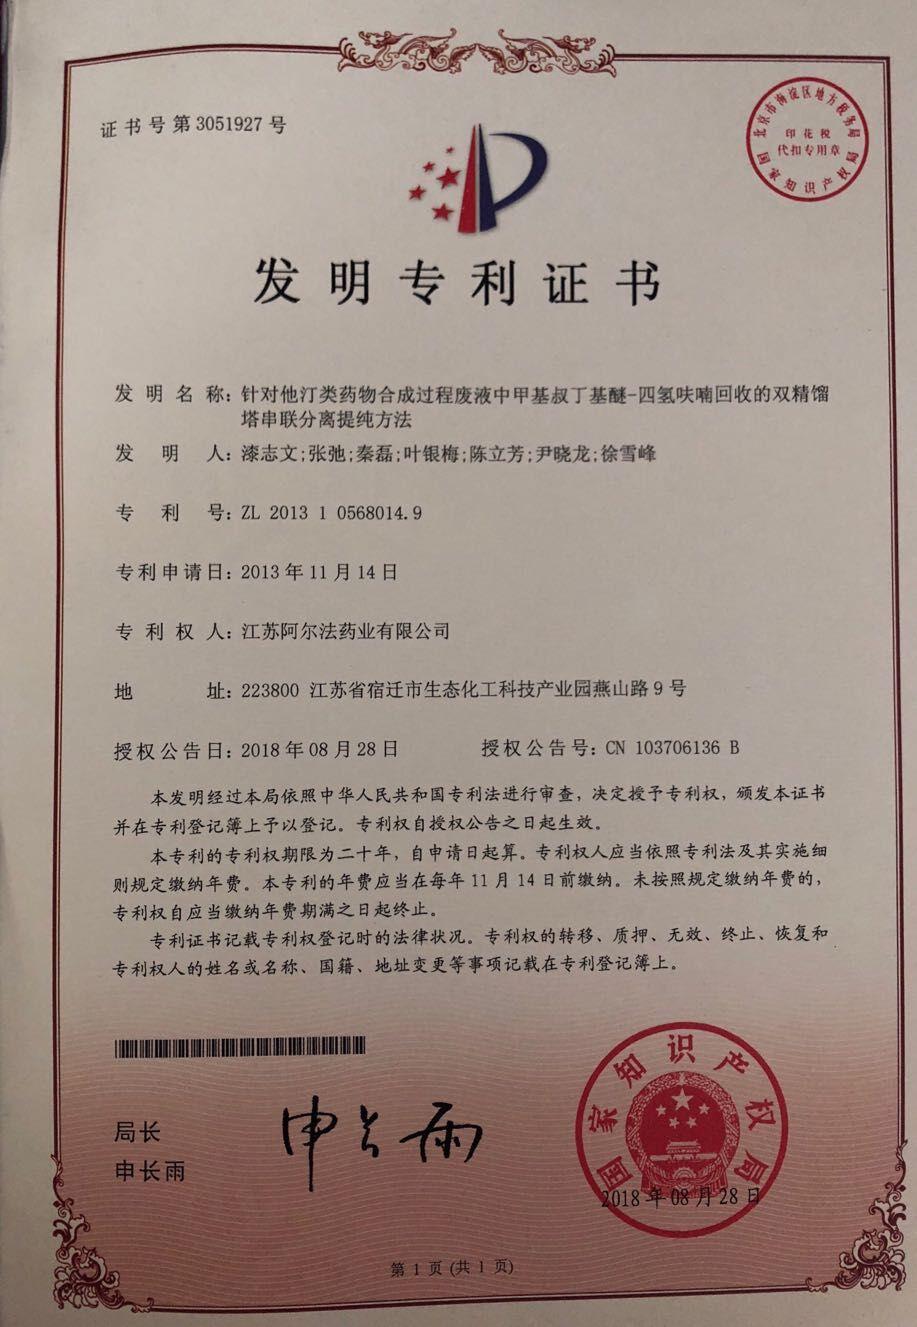 榮譽-專利-23.針對他汀類藥物合成過程廢液中甲基叔丁基醚-四氫呋喃回收的雙精餾塔串聯分離提純方法